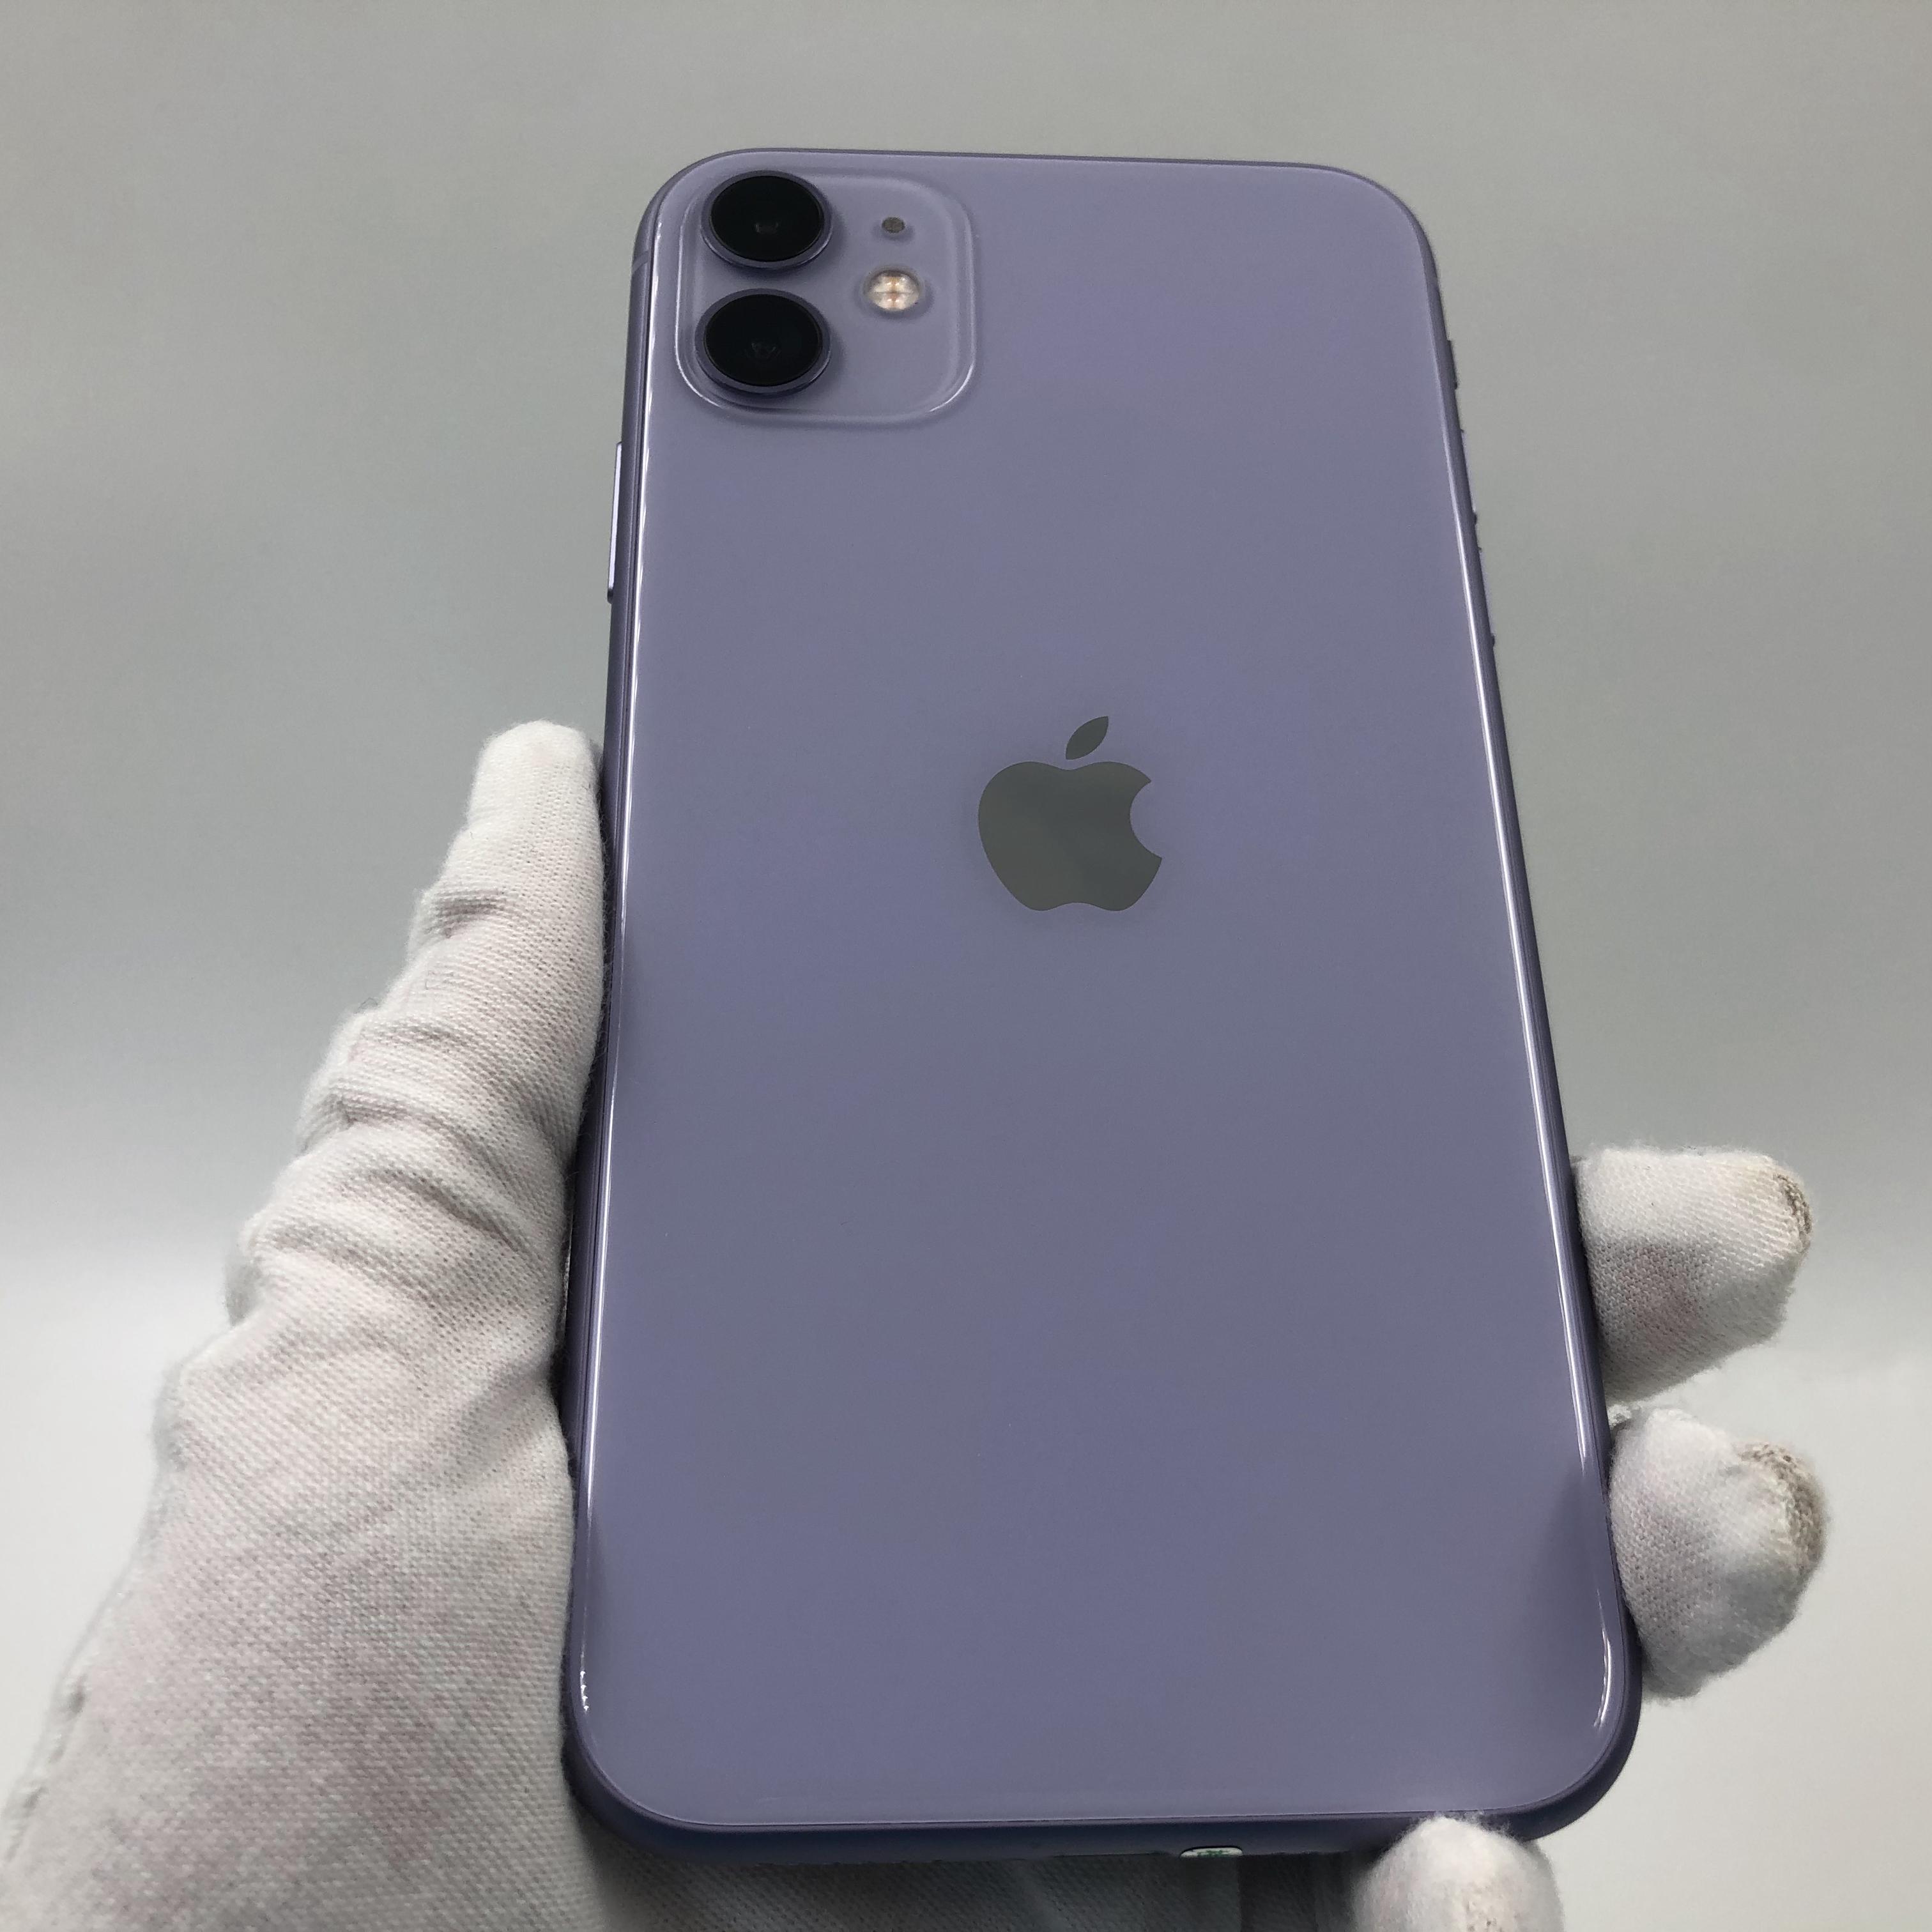 苹果【iPhone 11】4G全网通 紫色 64G 国行 95新 真机实拍